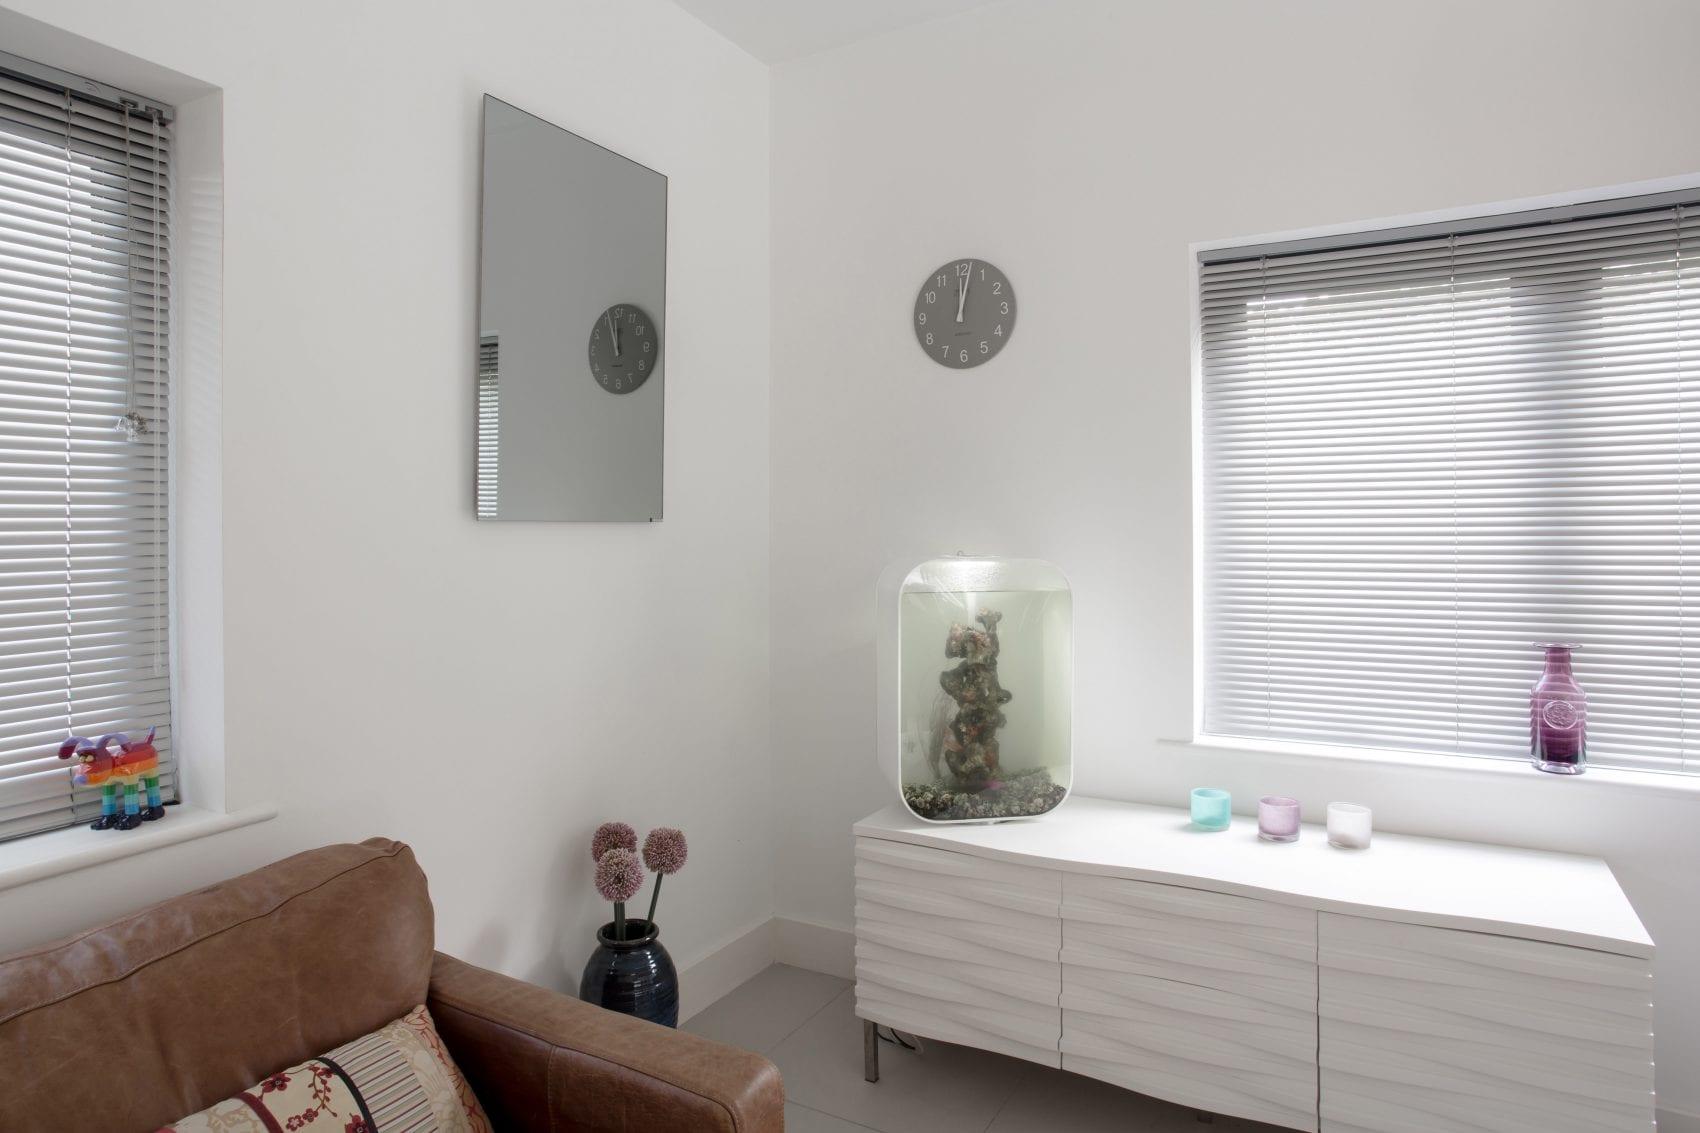 Herschel Inspire Mirror Infrared heating panel